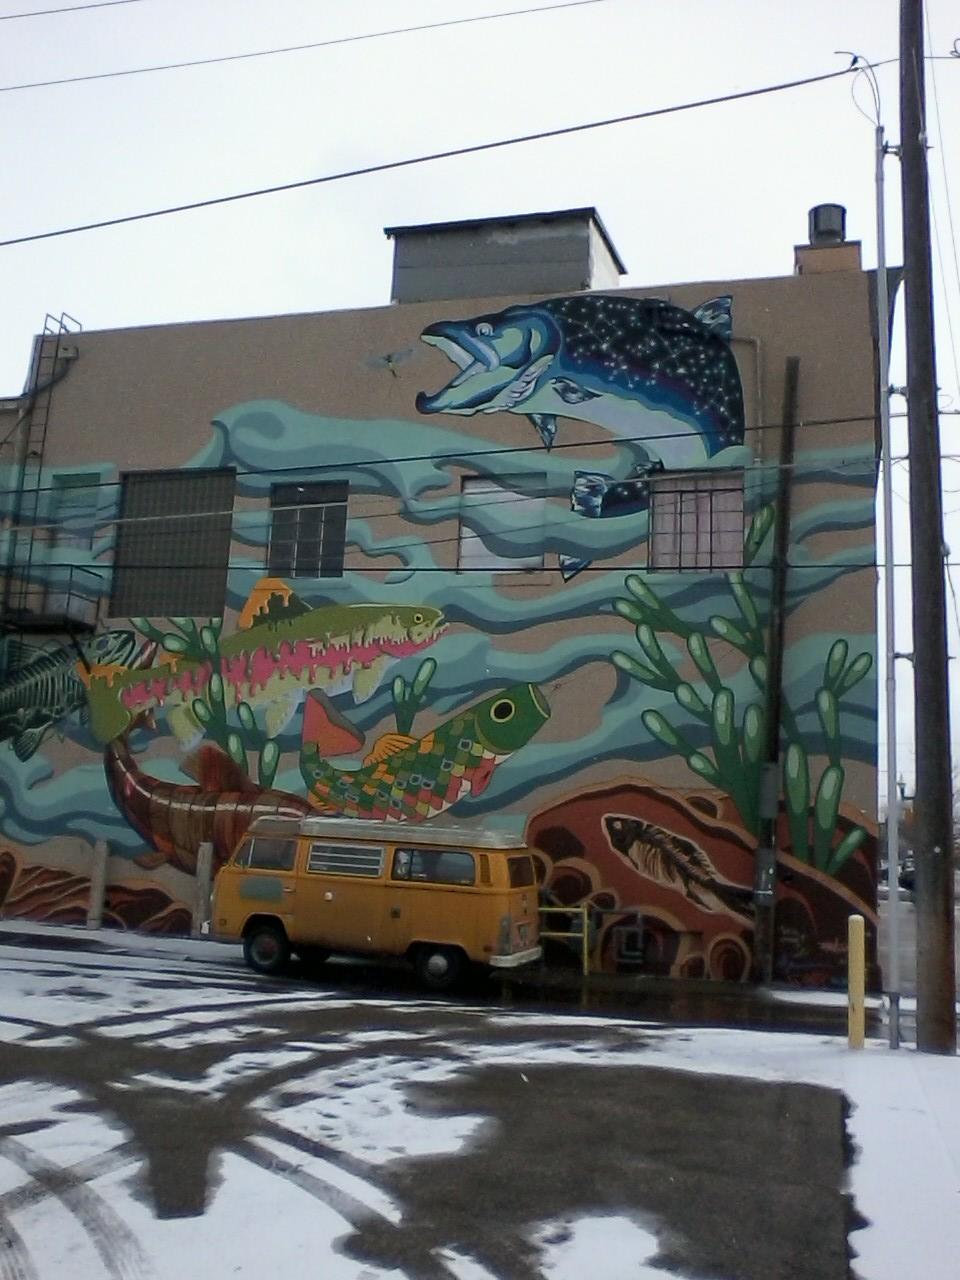 Downtown Laramie #1